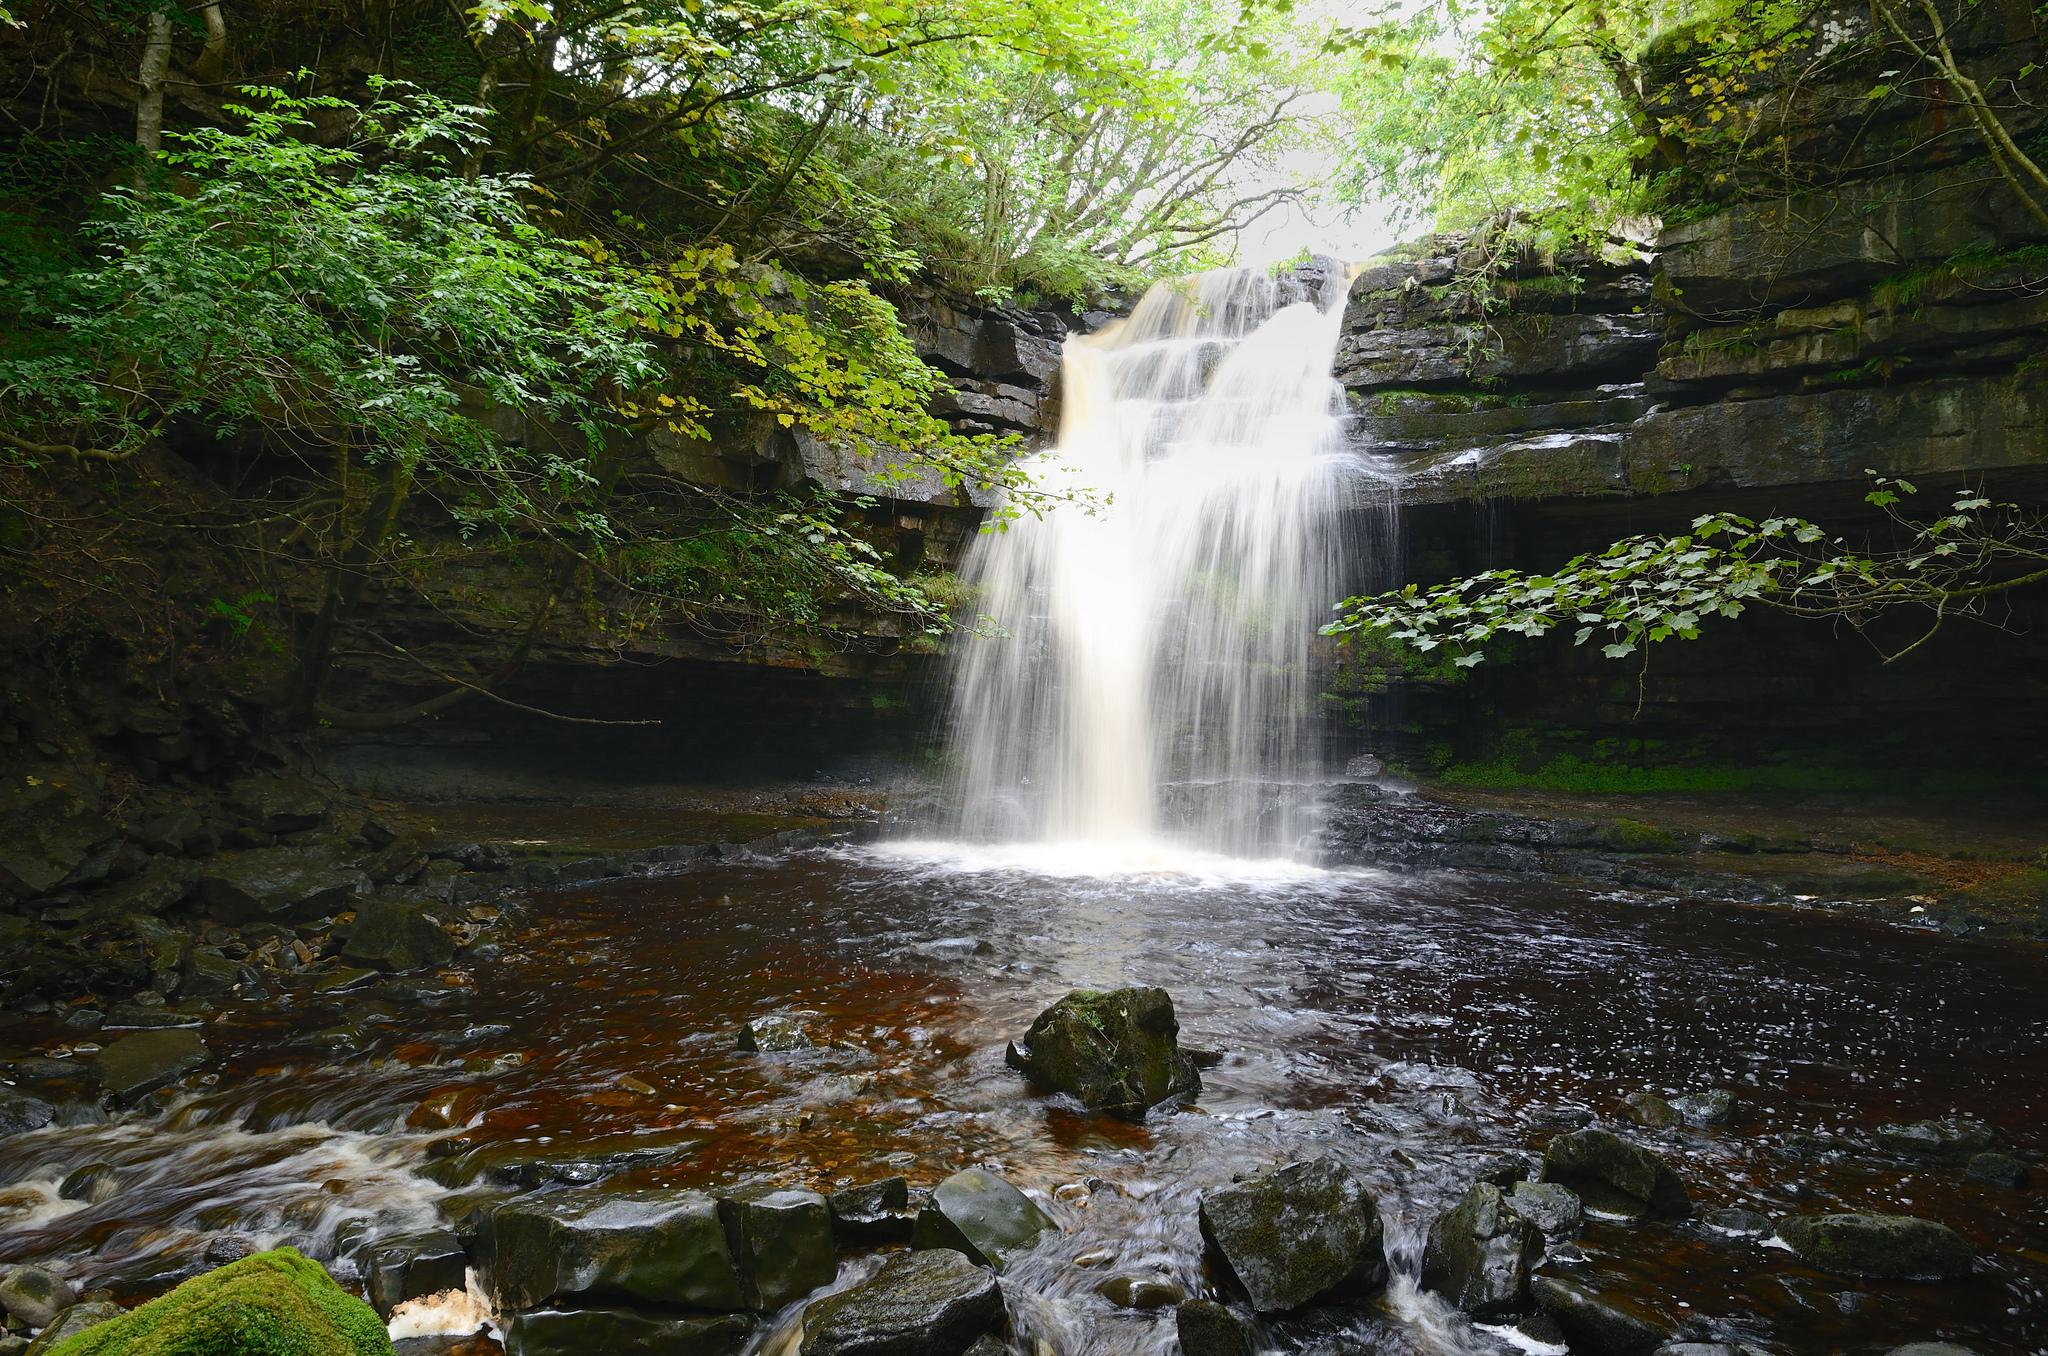 водопад художественное фото самоклеющейся пленке отличное